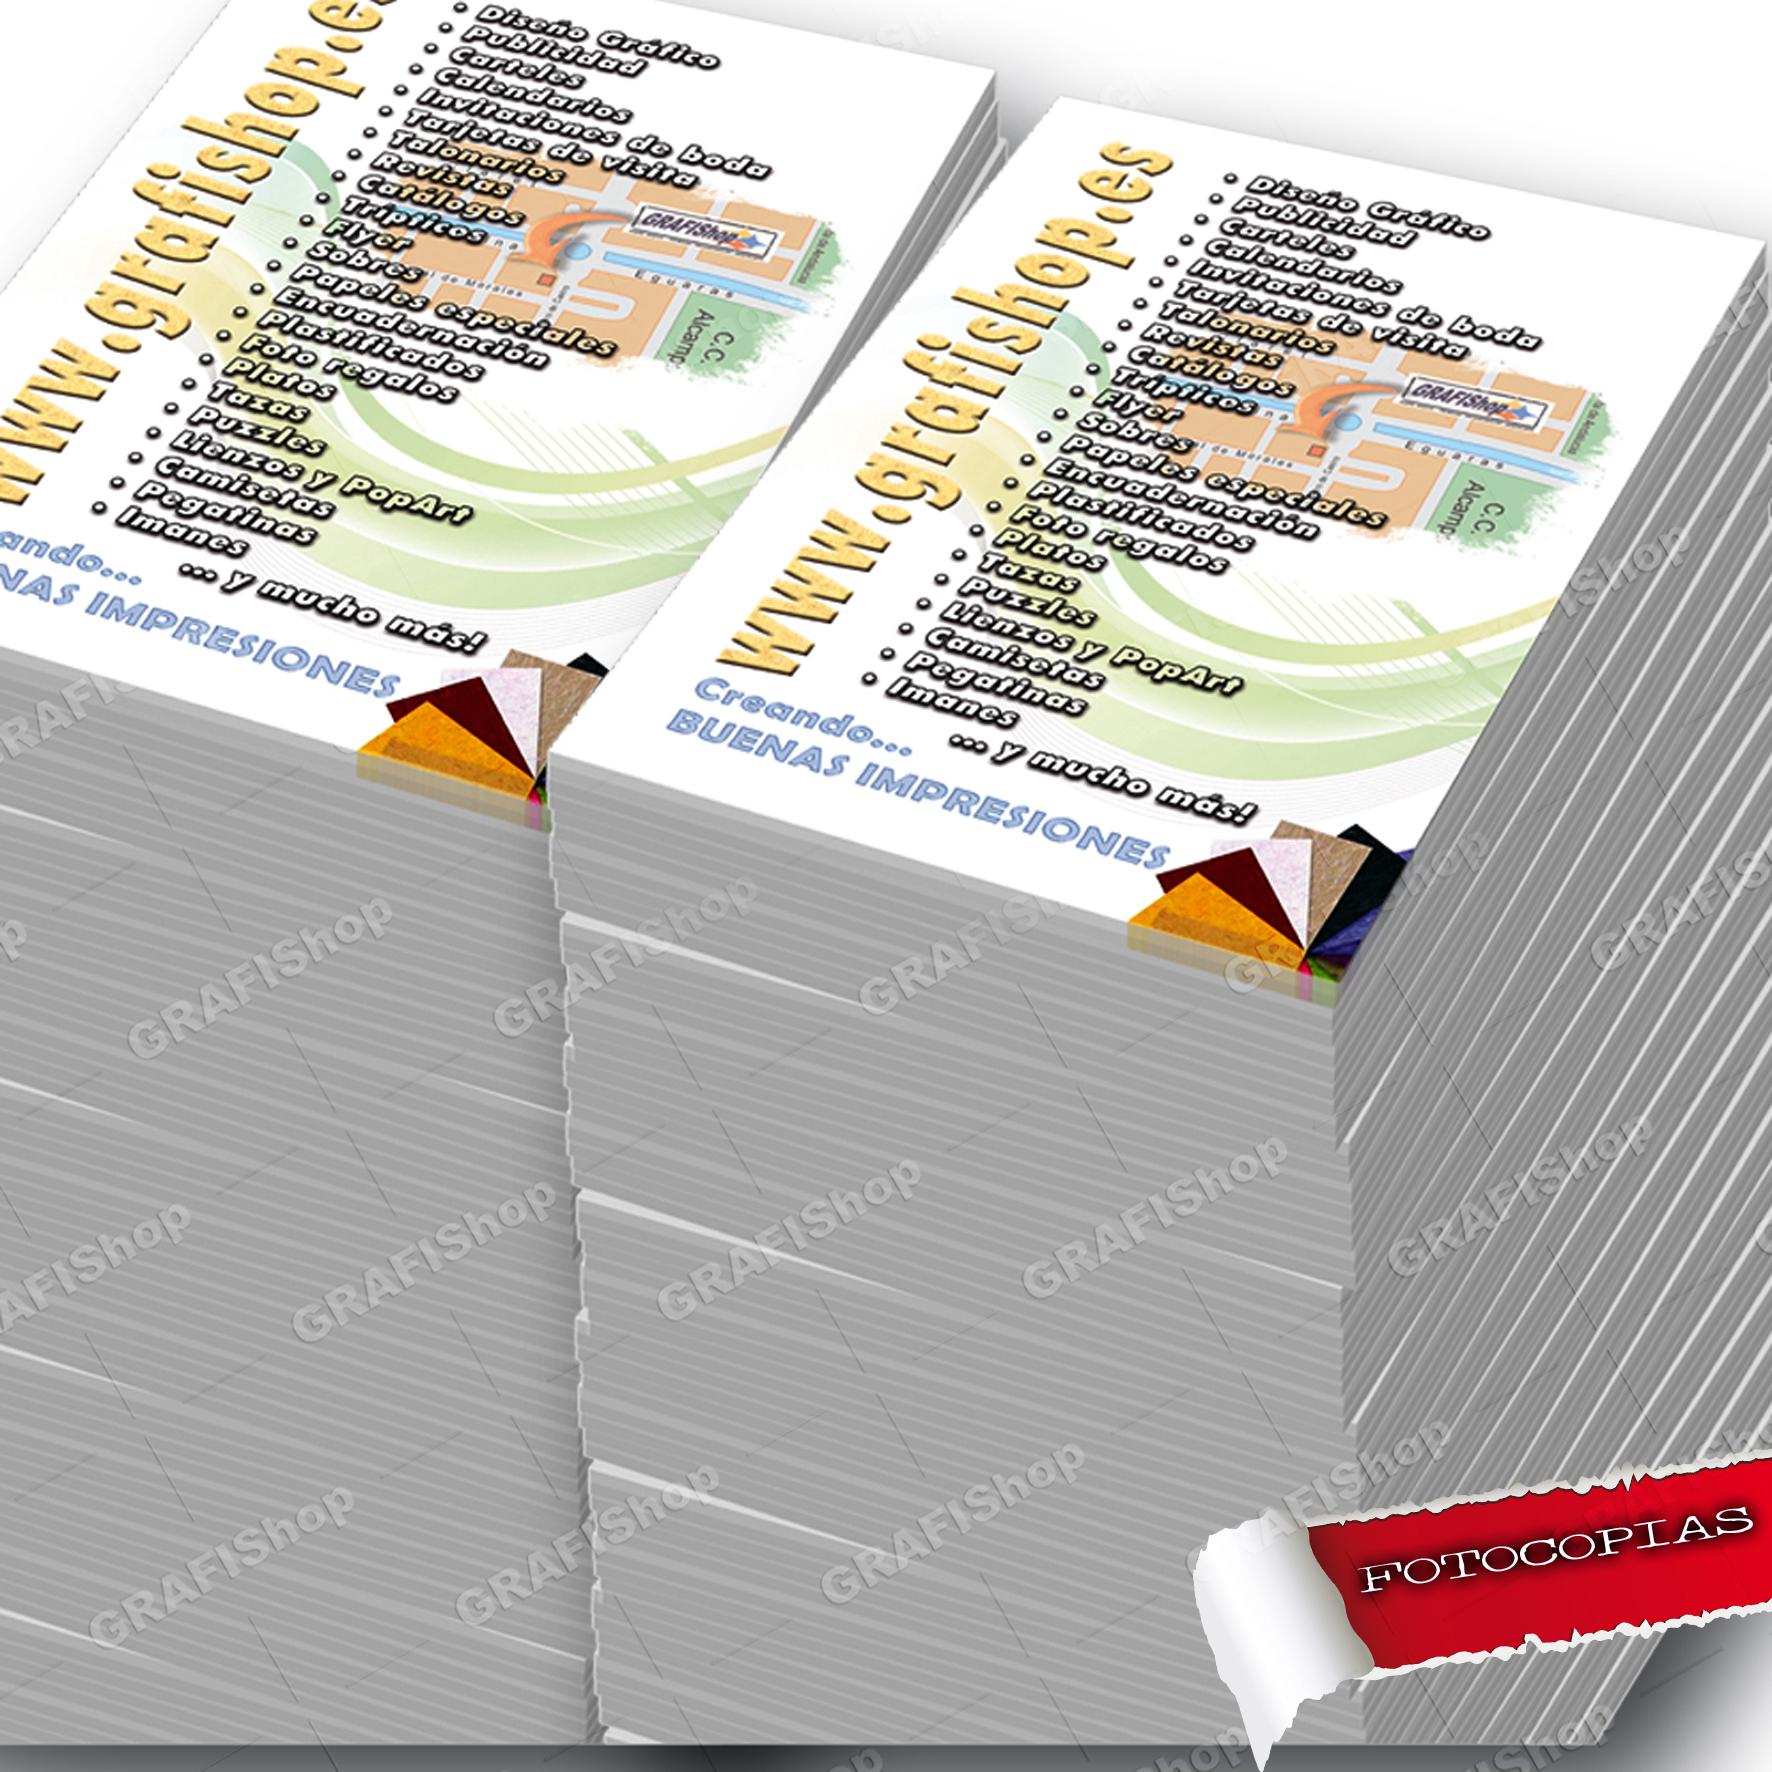 892f884de ... Con nuestro servicio de copistería puedes imprimir tus fotocopias  online. Envíanos tus documentos y nosotros ...